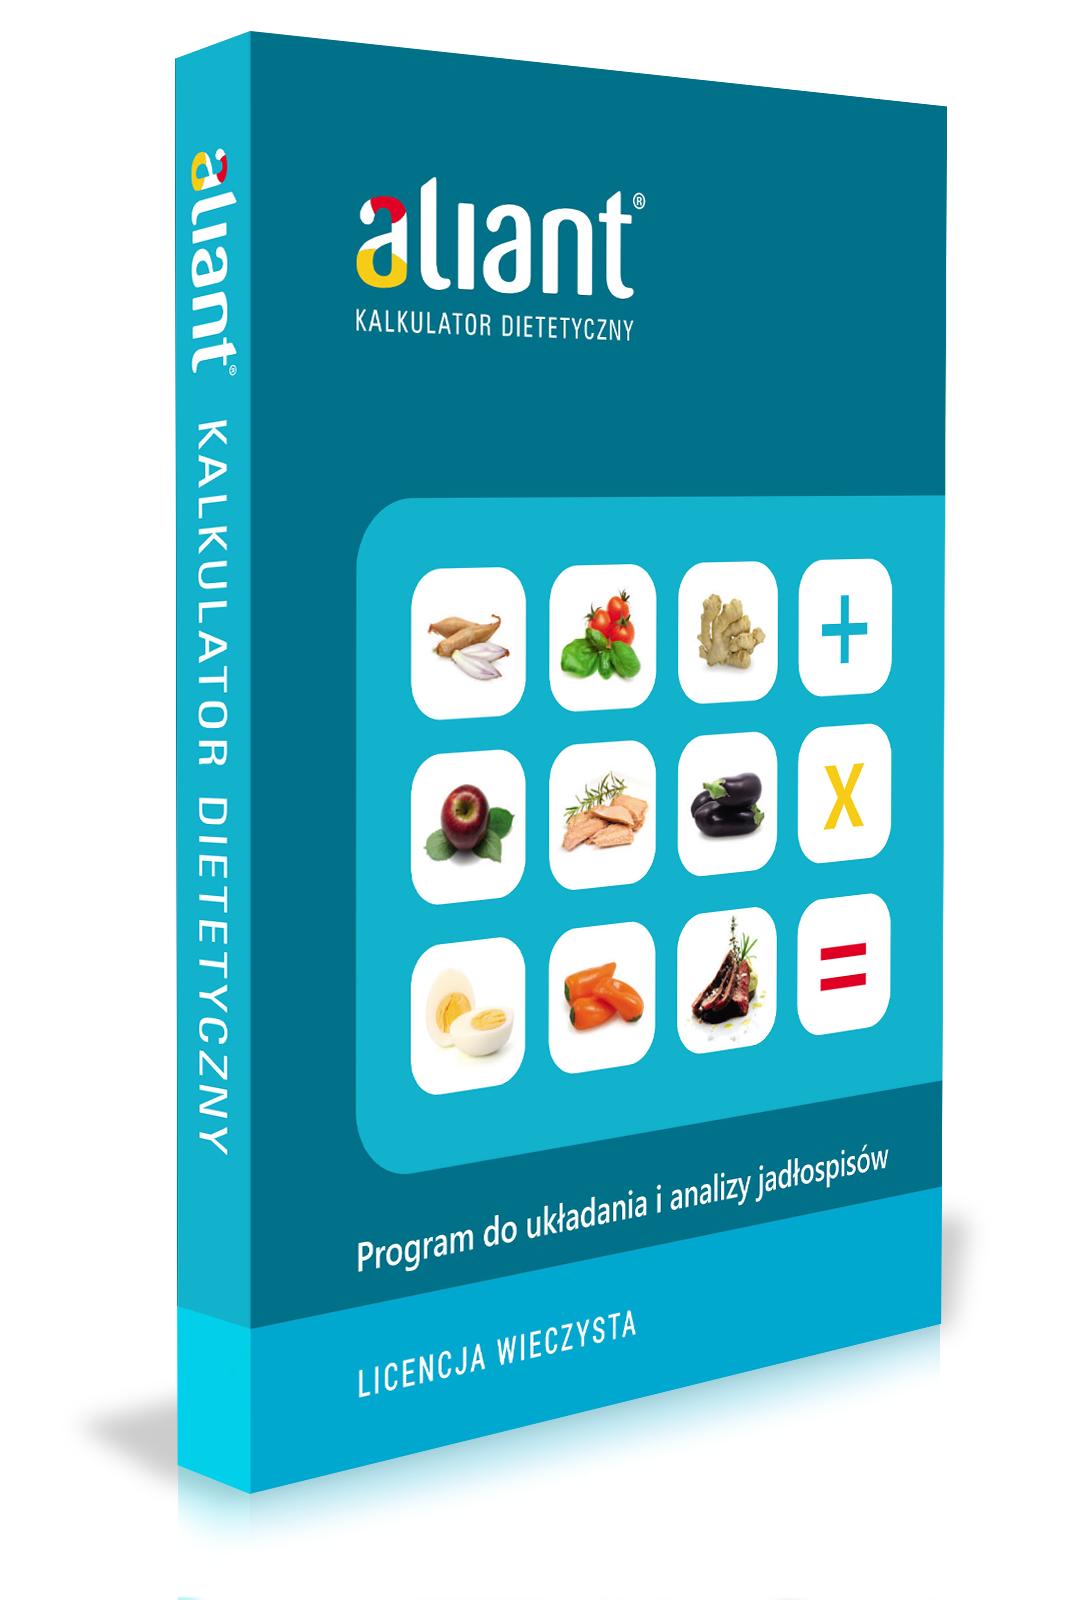 Aliant-kalkulator-dietetyczny-licencja-wieczysta